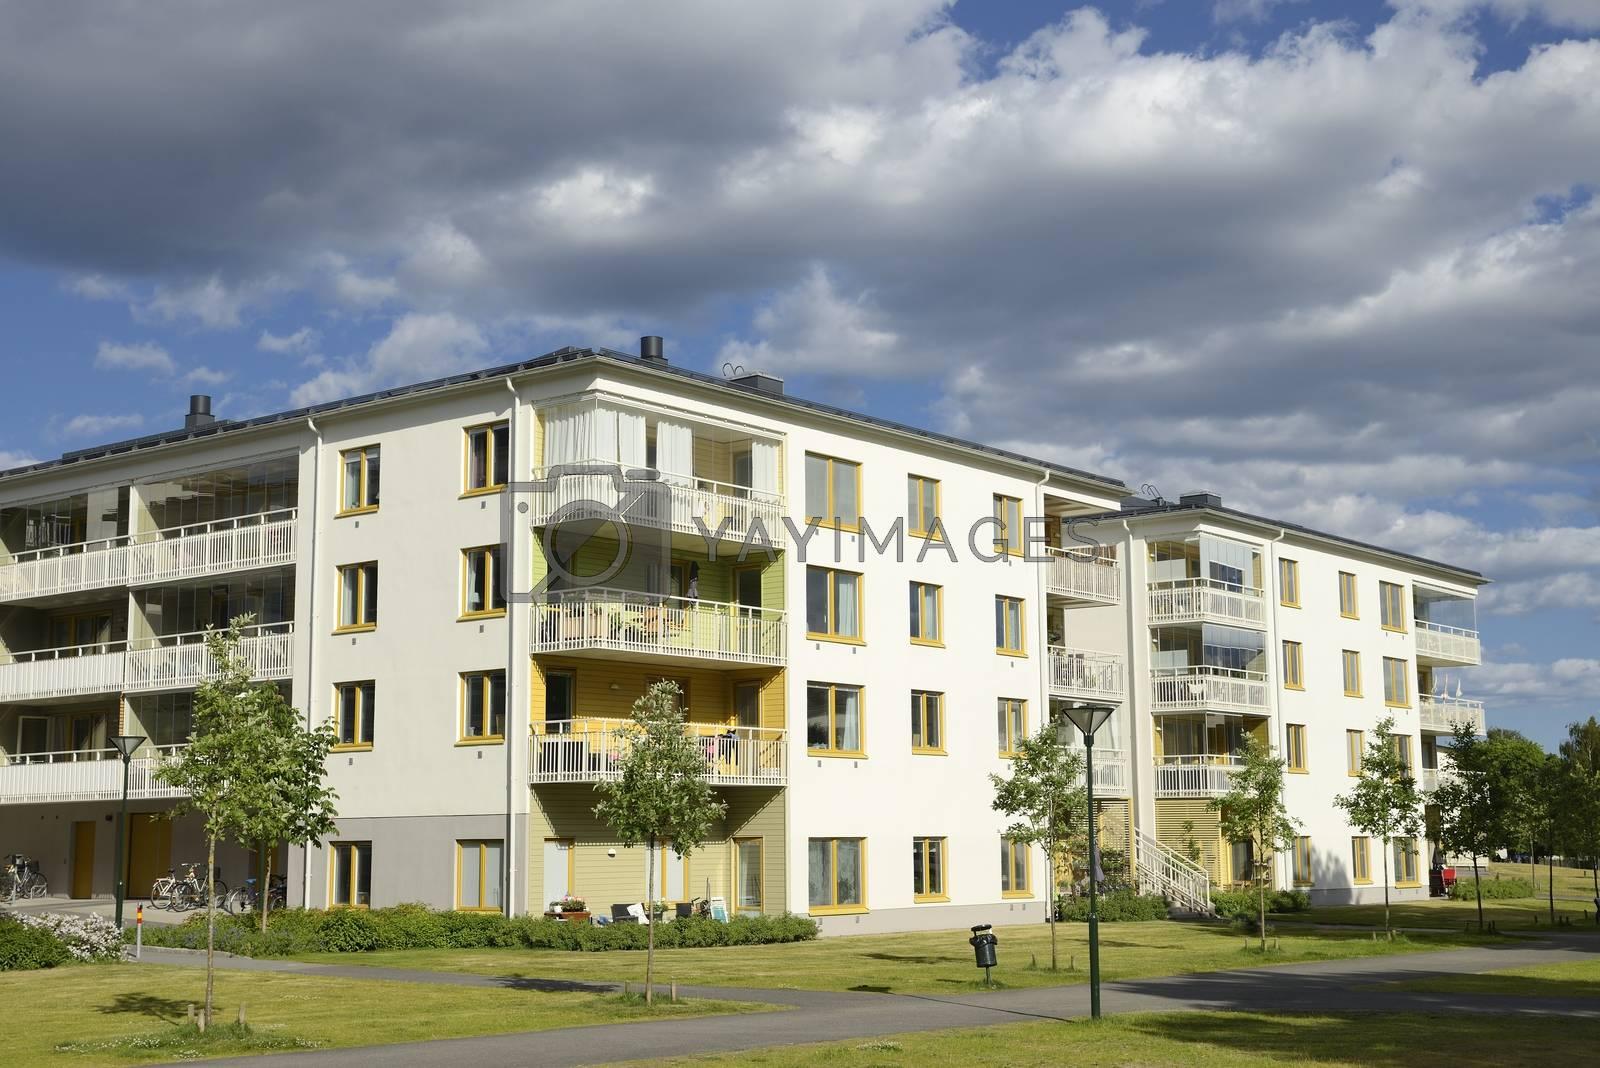 Swedish apartment Block in summer.